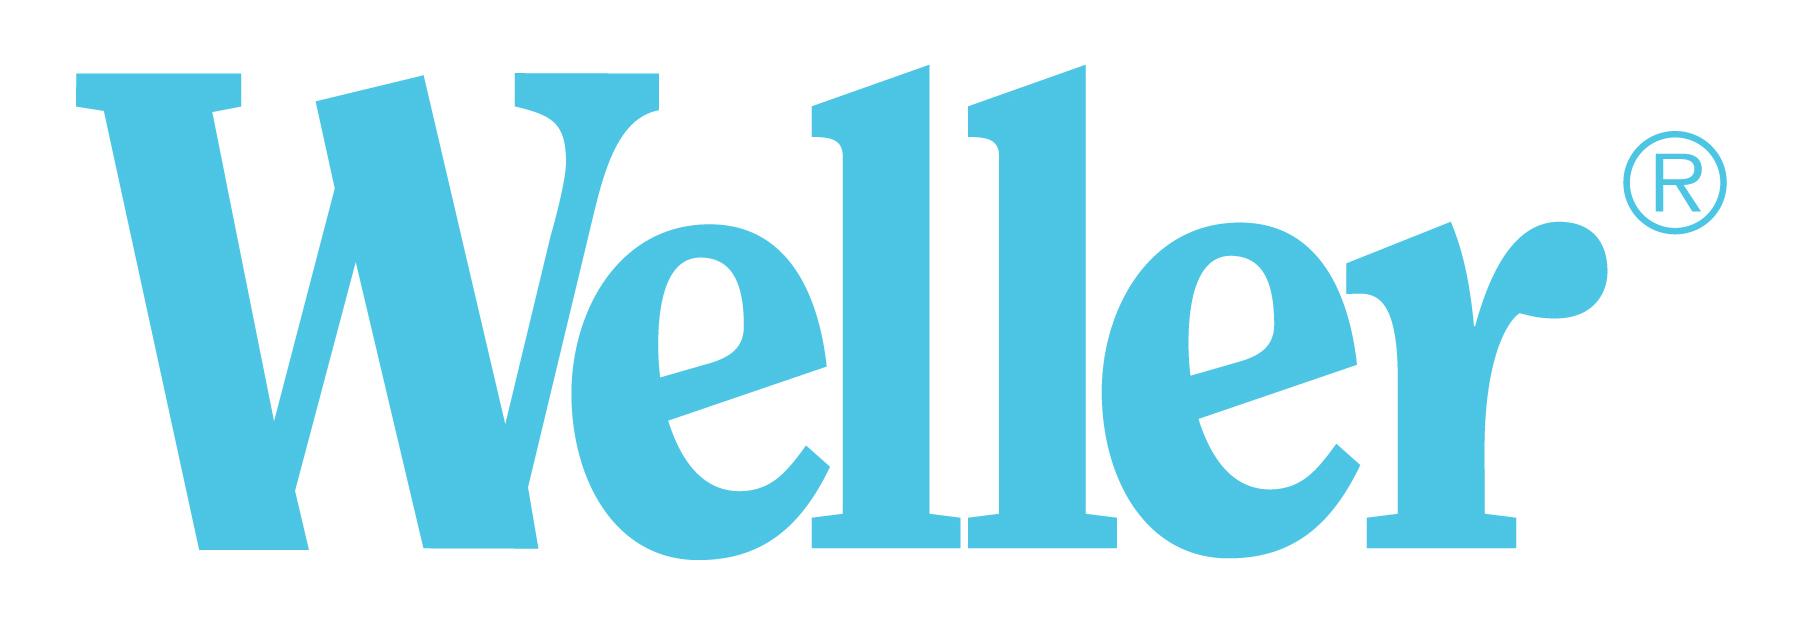 Weller Tools все для профессиональной пайки